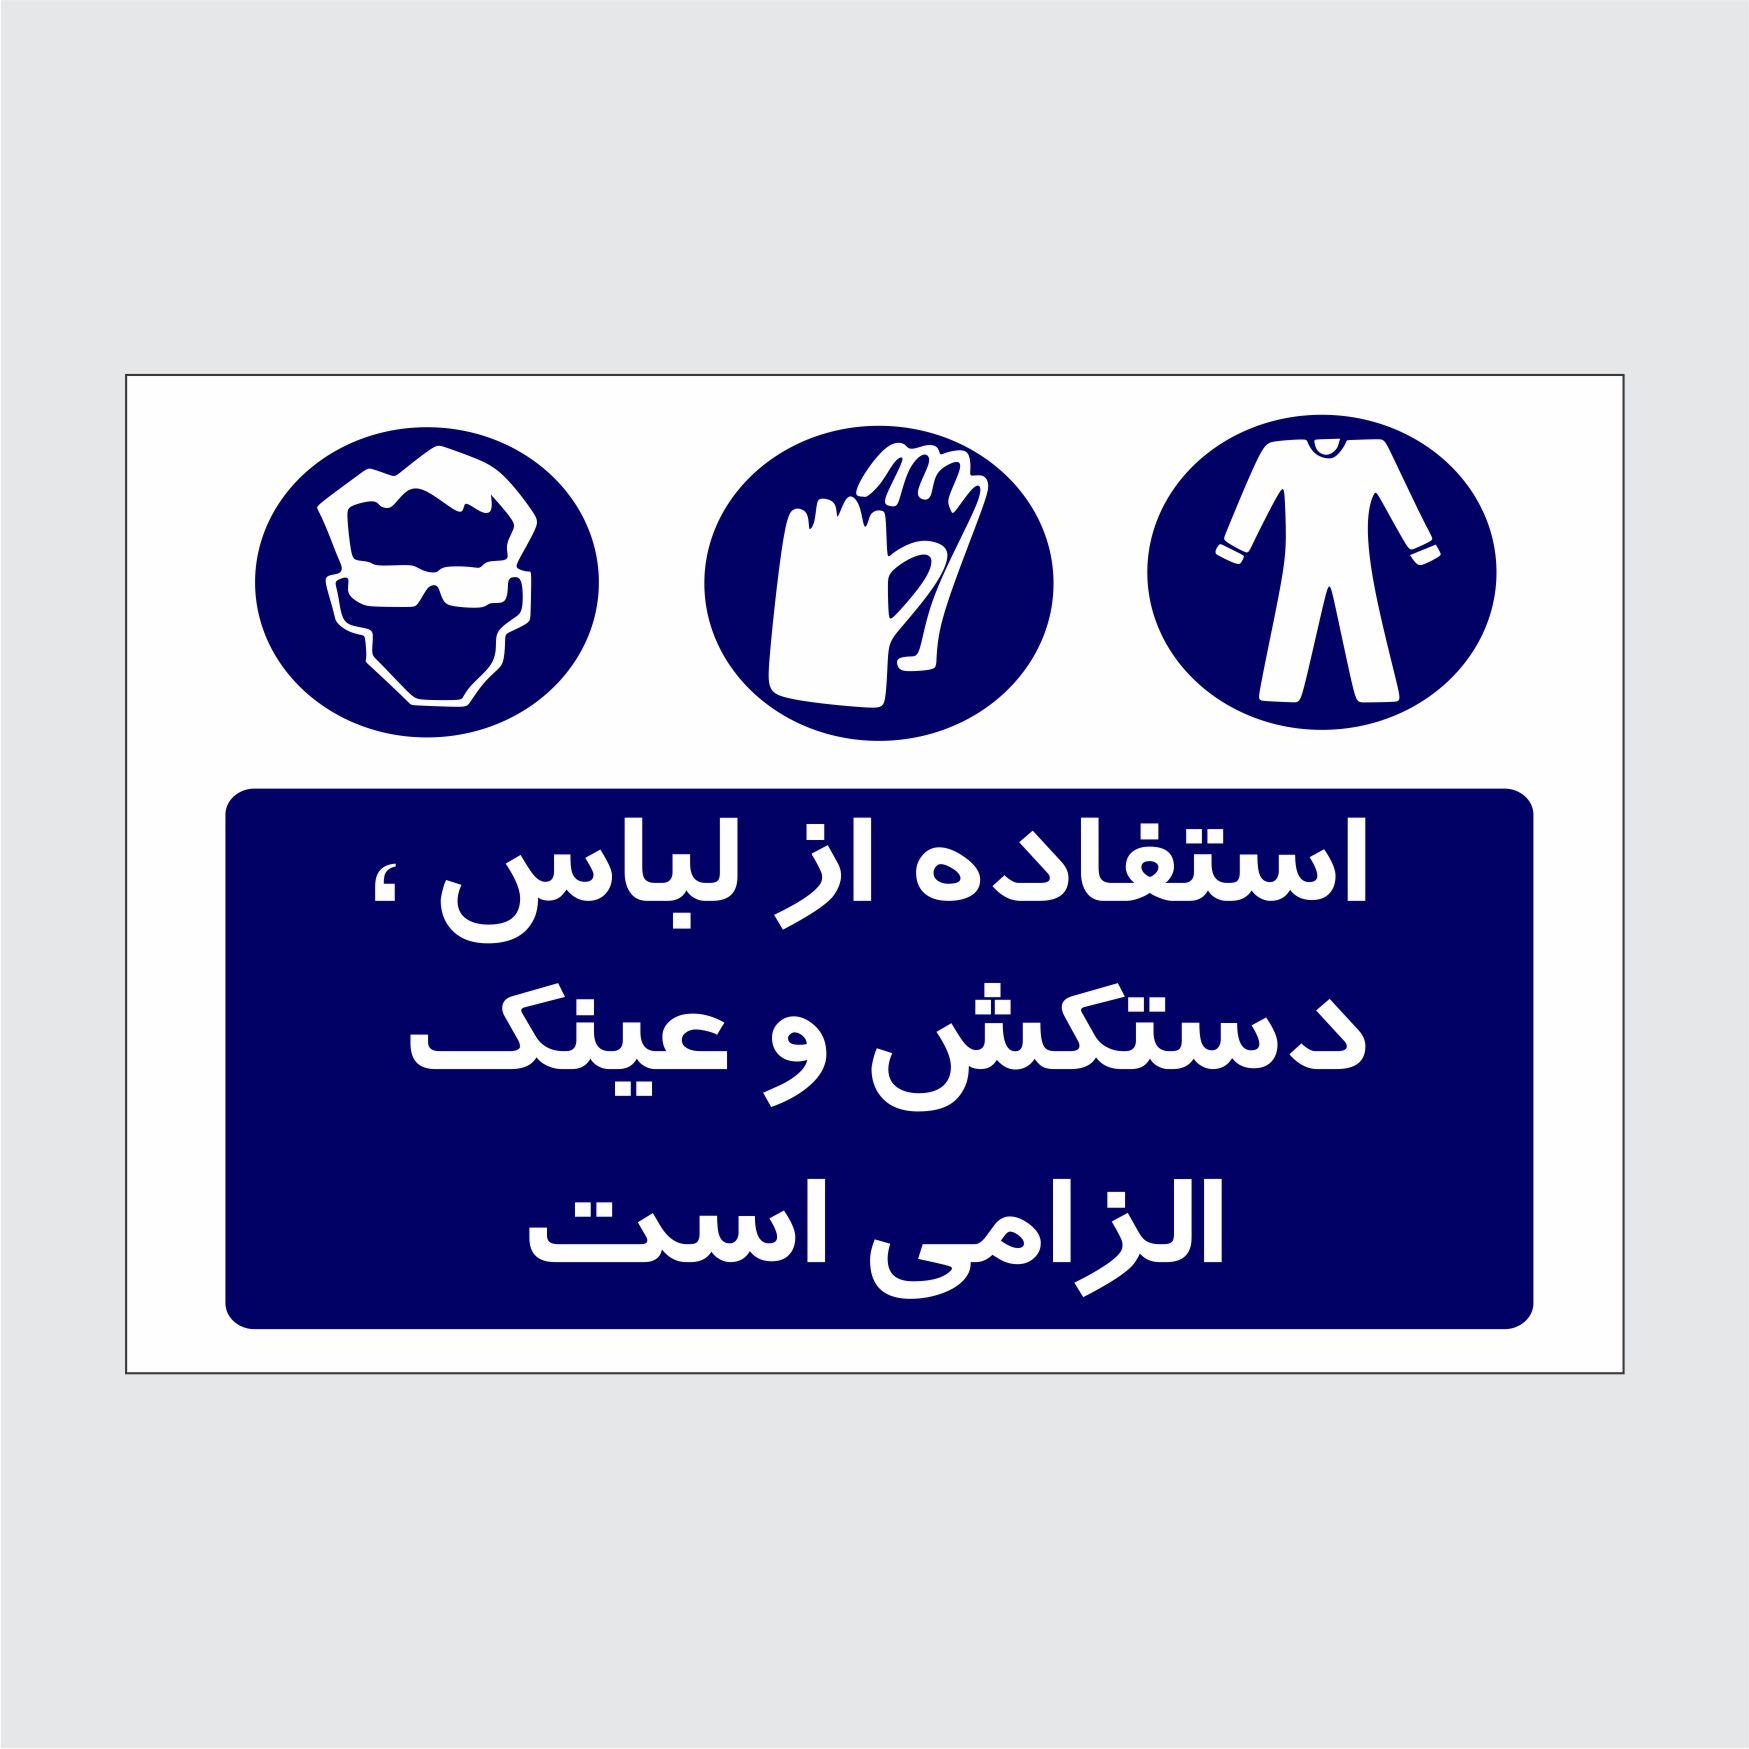 برچسب ایمنی طرح استفاده از لباس دستکش و عینک الزامی است